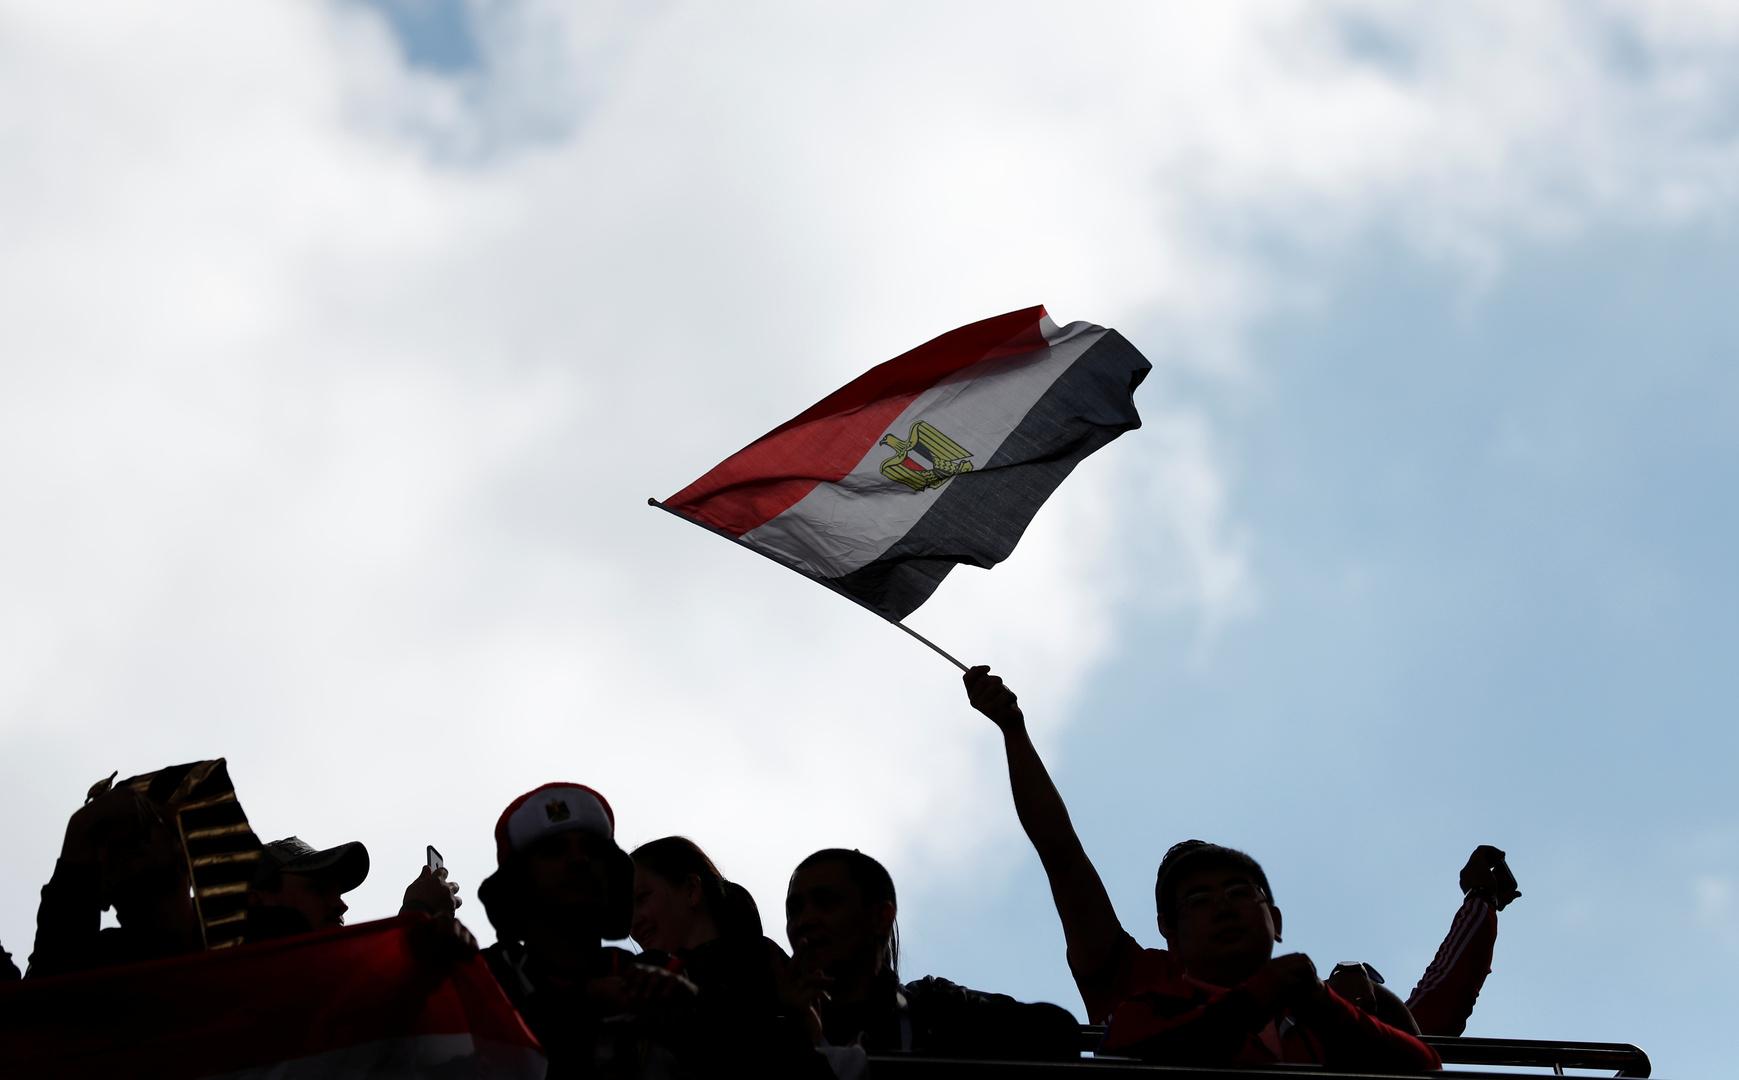 مصر: نتابع مع السعودية إجراءات نقل جثامين معتمرين توفوا في المملكة